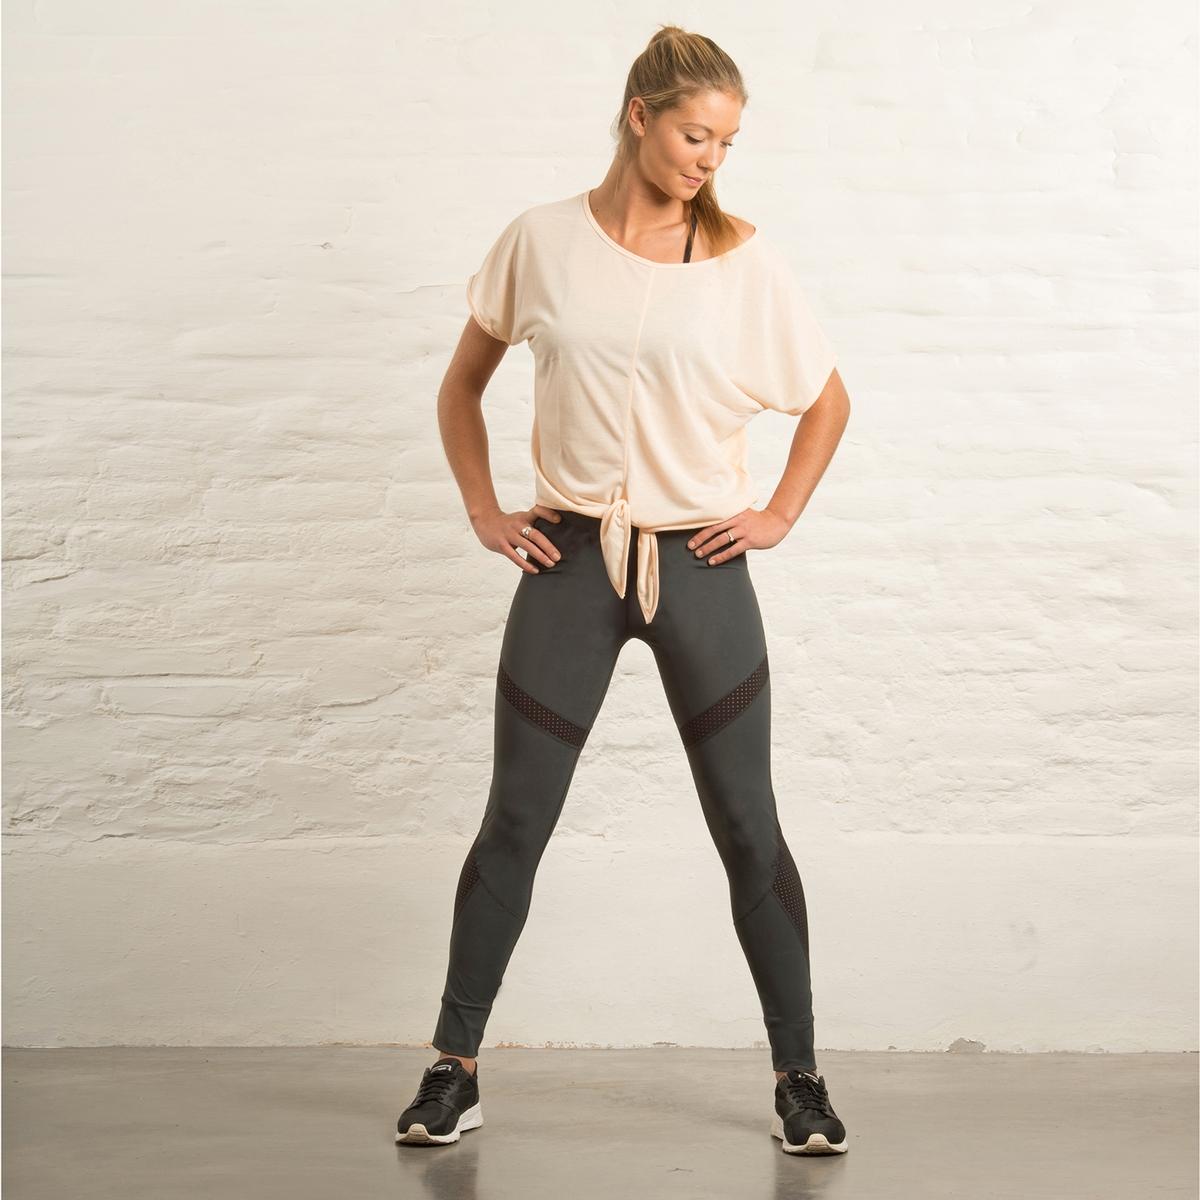 Футболка Lola yoga с бантикомЭта футболка свободного покроя с бантиком сочетает комфорт, стильный дизайн и женственность.Тщательно произведенный в Португалии мягкий материал с обработкой dry, напоминающий на ощупь хлопок, способствует отводу влаги и быстрому высыханию. • Футболка Yoga Loose с бантиком• 100 % полиэстер • Сделано в Португалии• Машинная стирка при 30°СРост нашего манекена 1M78 и размер 36/38, S.Объемный покрой, если ваш размер посередине, выбирайте модель меньшего размера<br><br>Цвет: серый,телесный